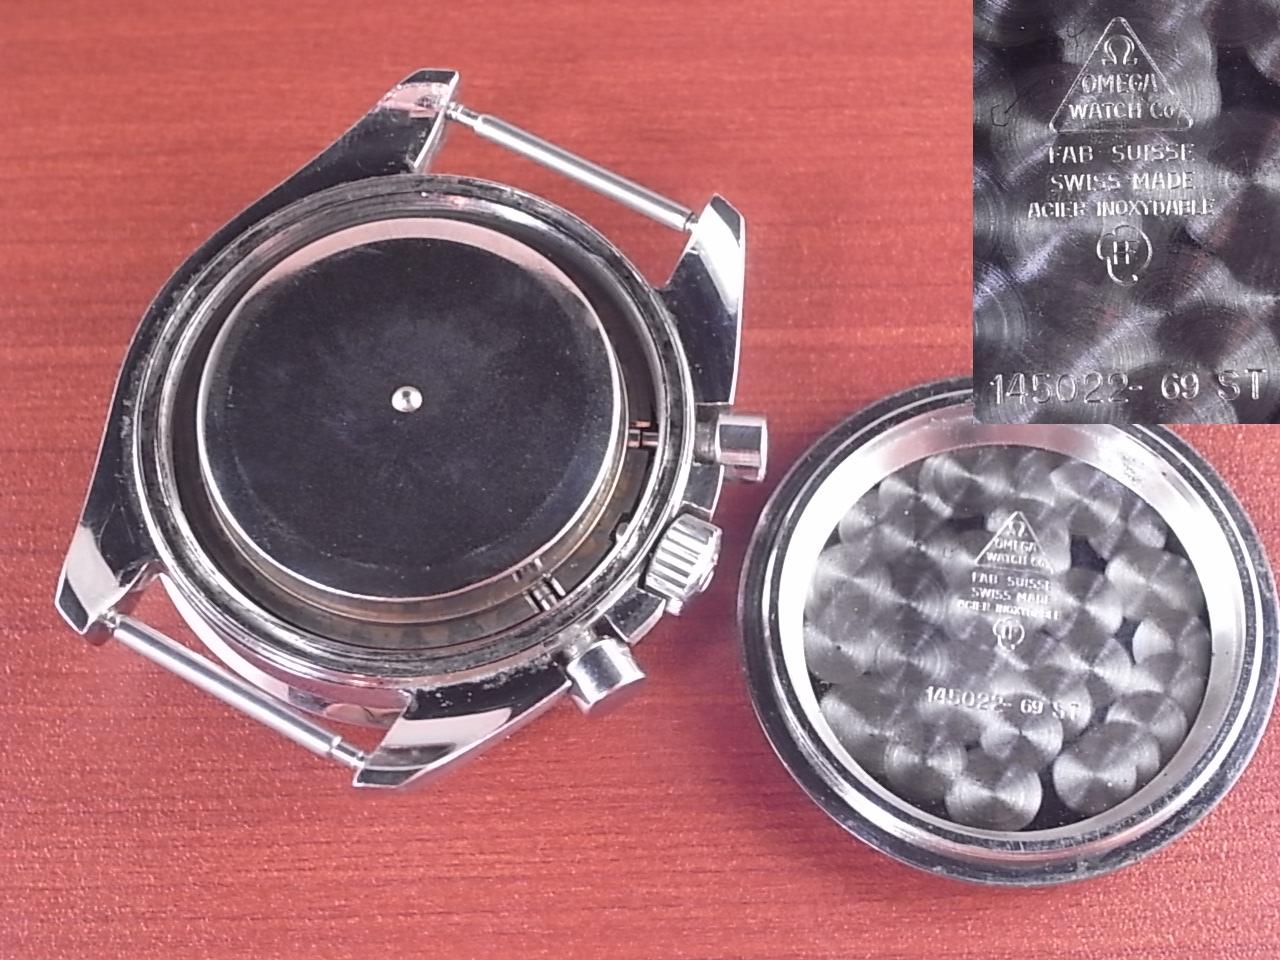 オメガ スピードマスター 5thモデル Ref.145.022-69 キャタピラブレス 1960年代の写真6枚目